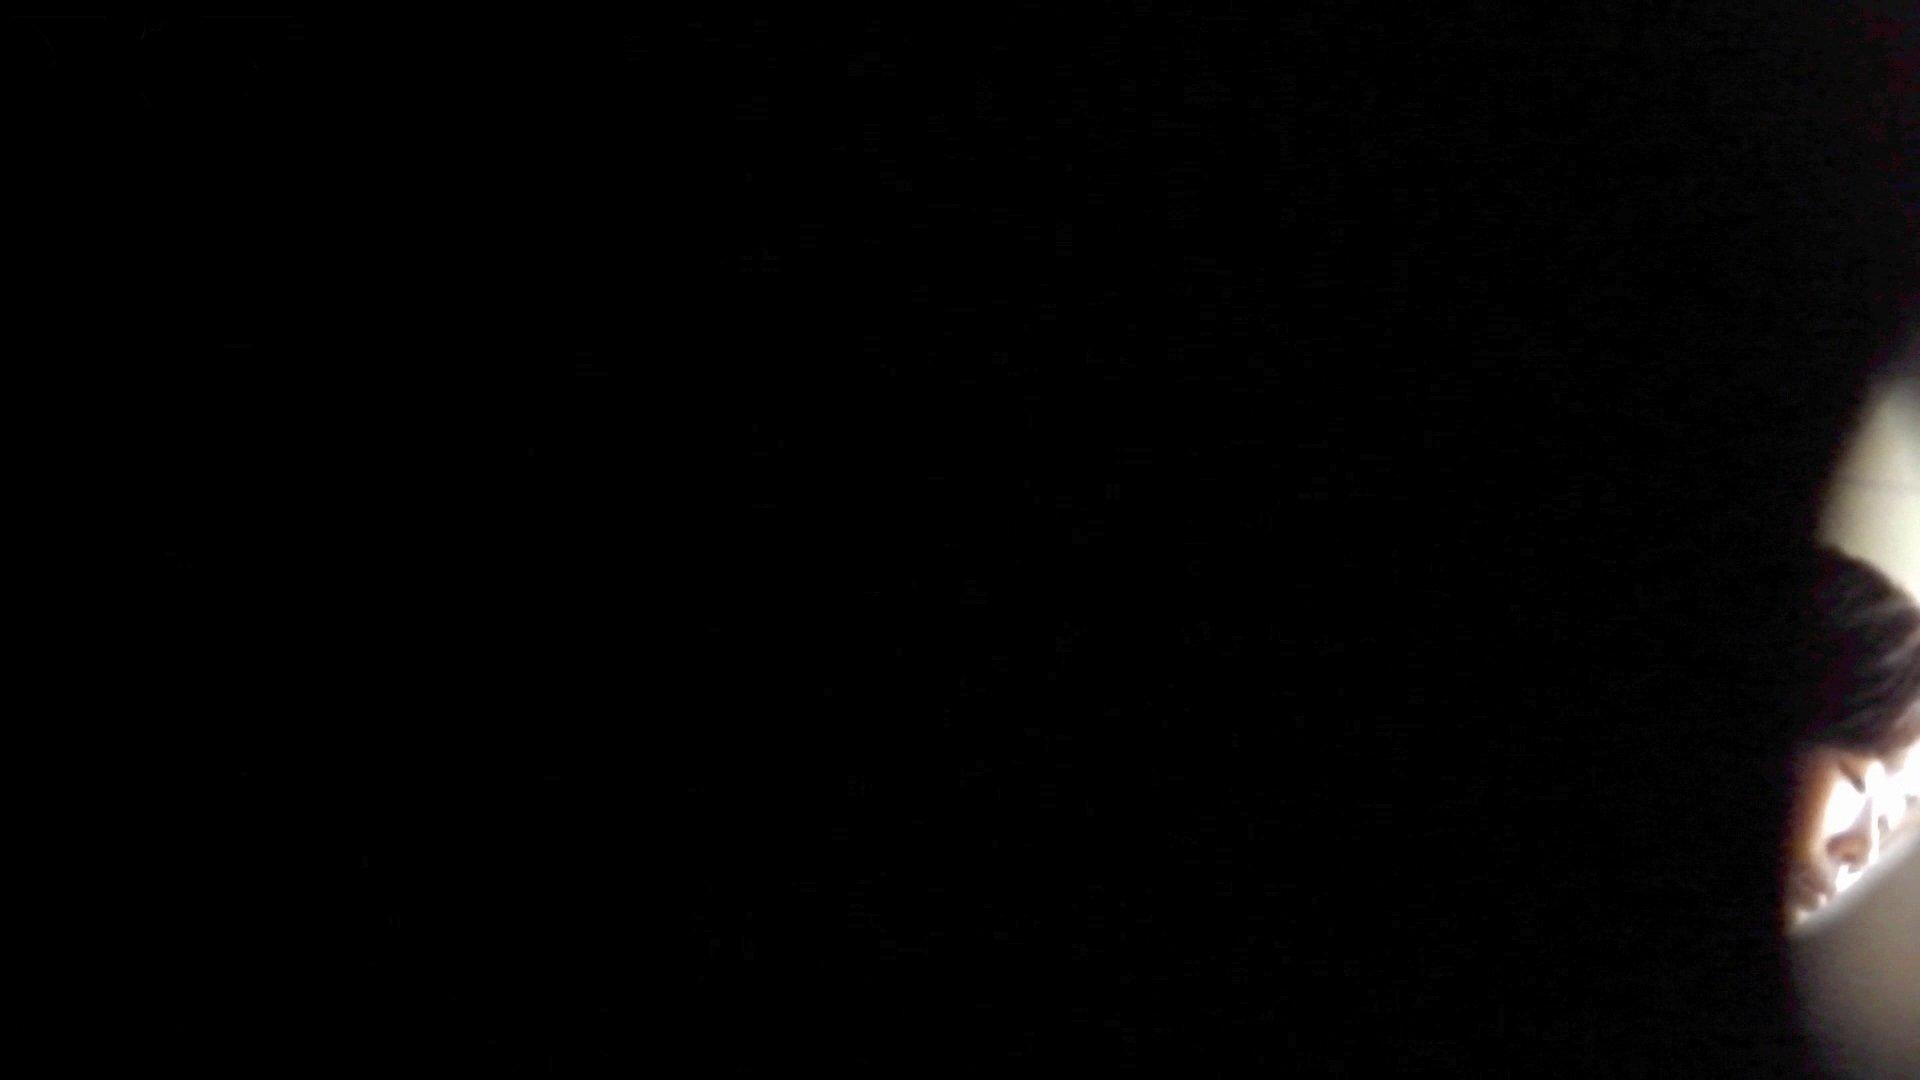 ステーション編 vol.28 無料動画に登場したモデルつい本番登場!! 丸見え  91PIX 23